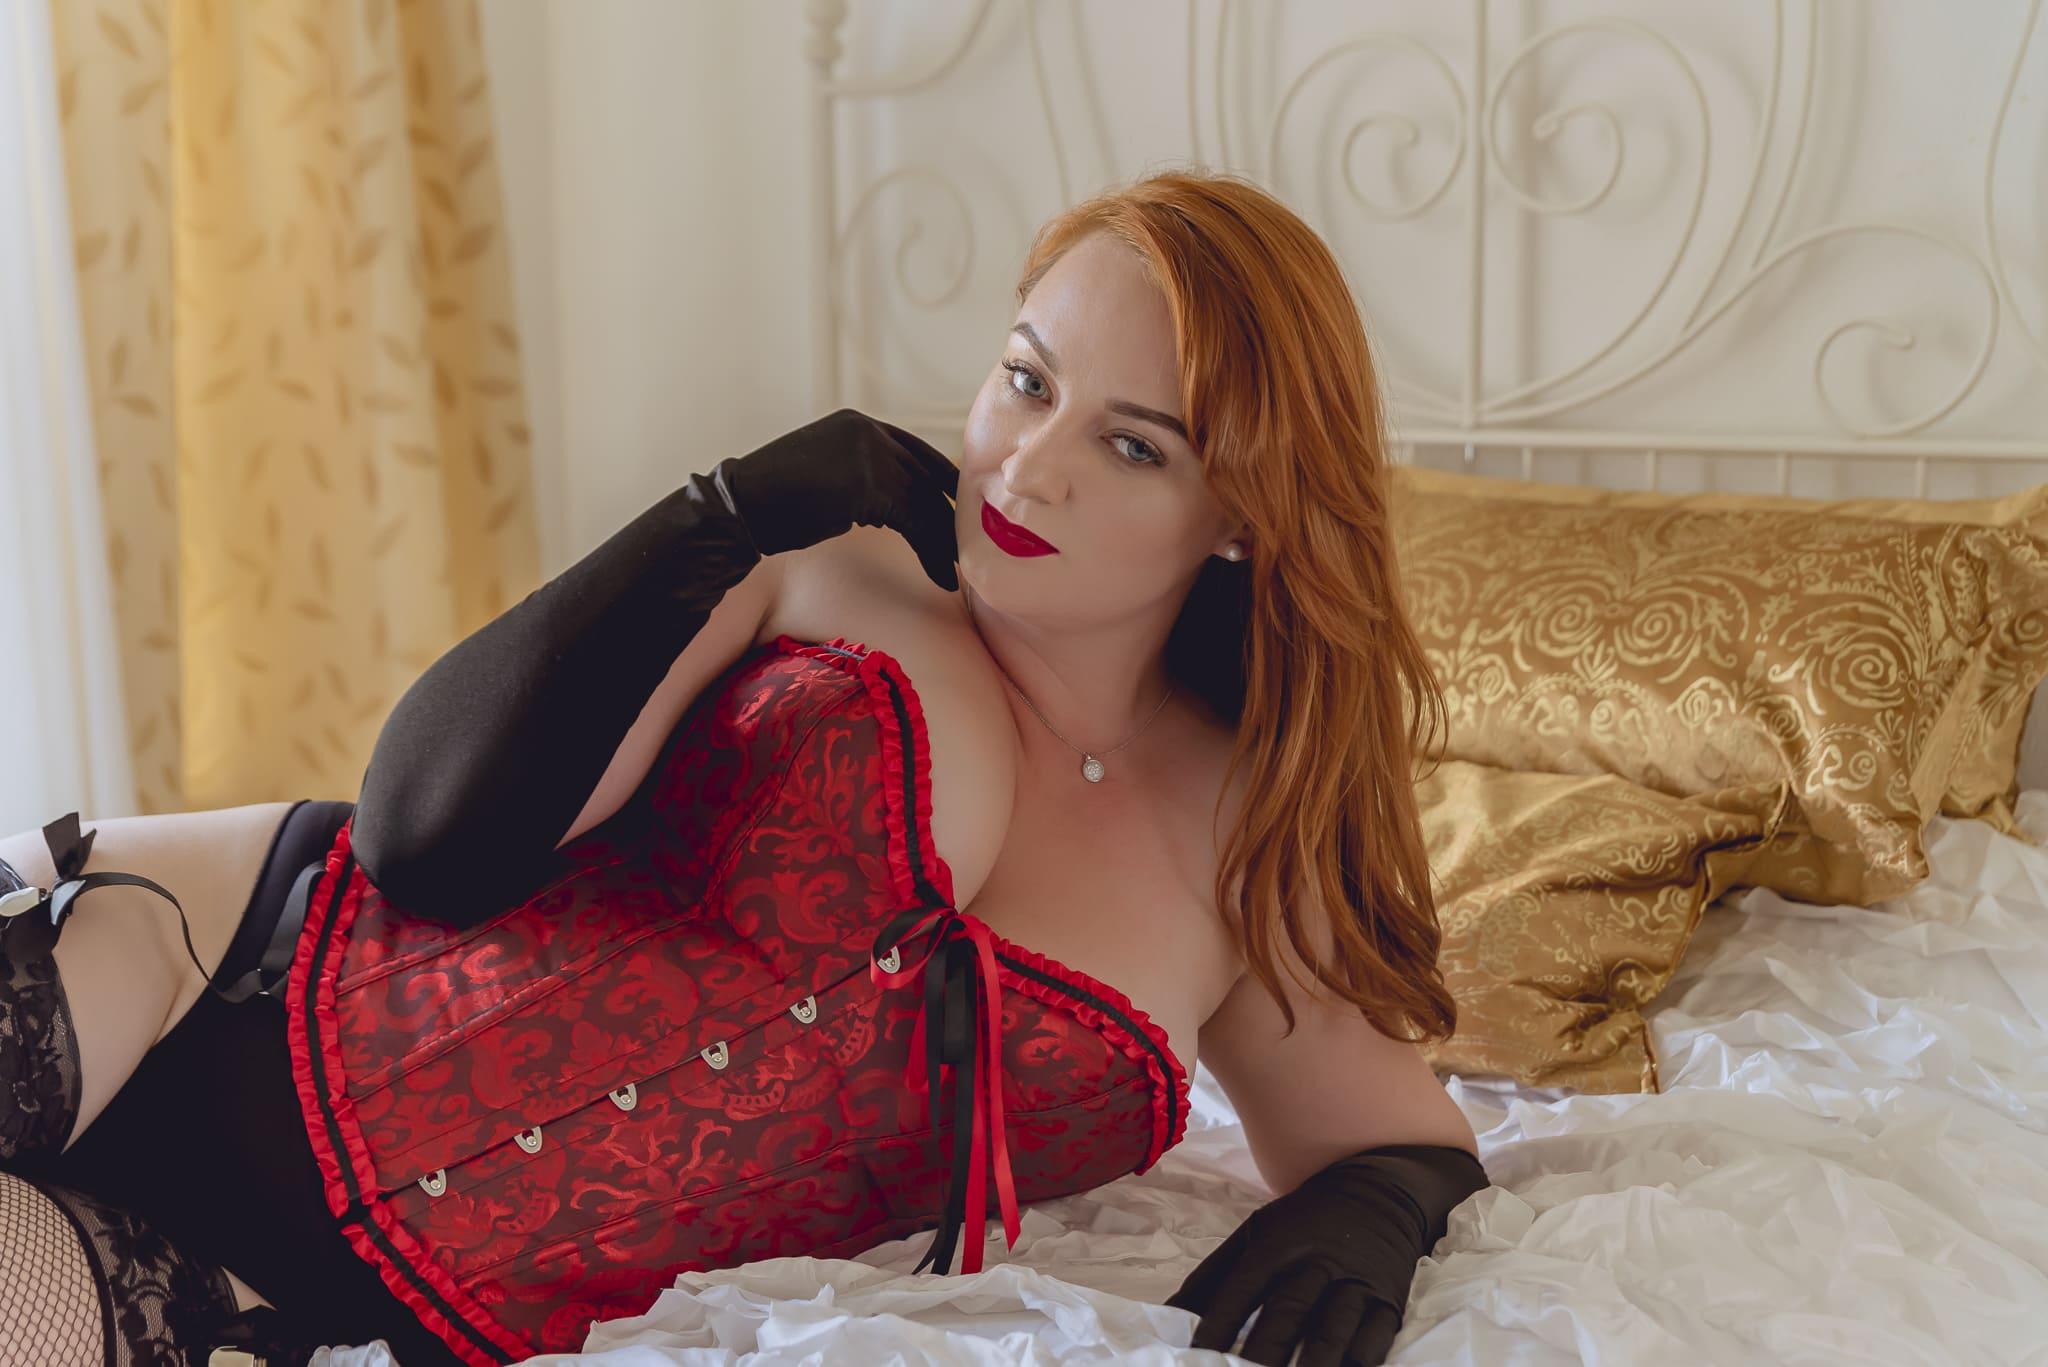 Lonodn boudoir photo shoot-37